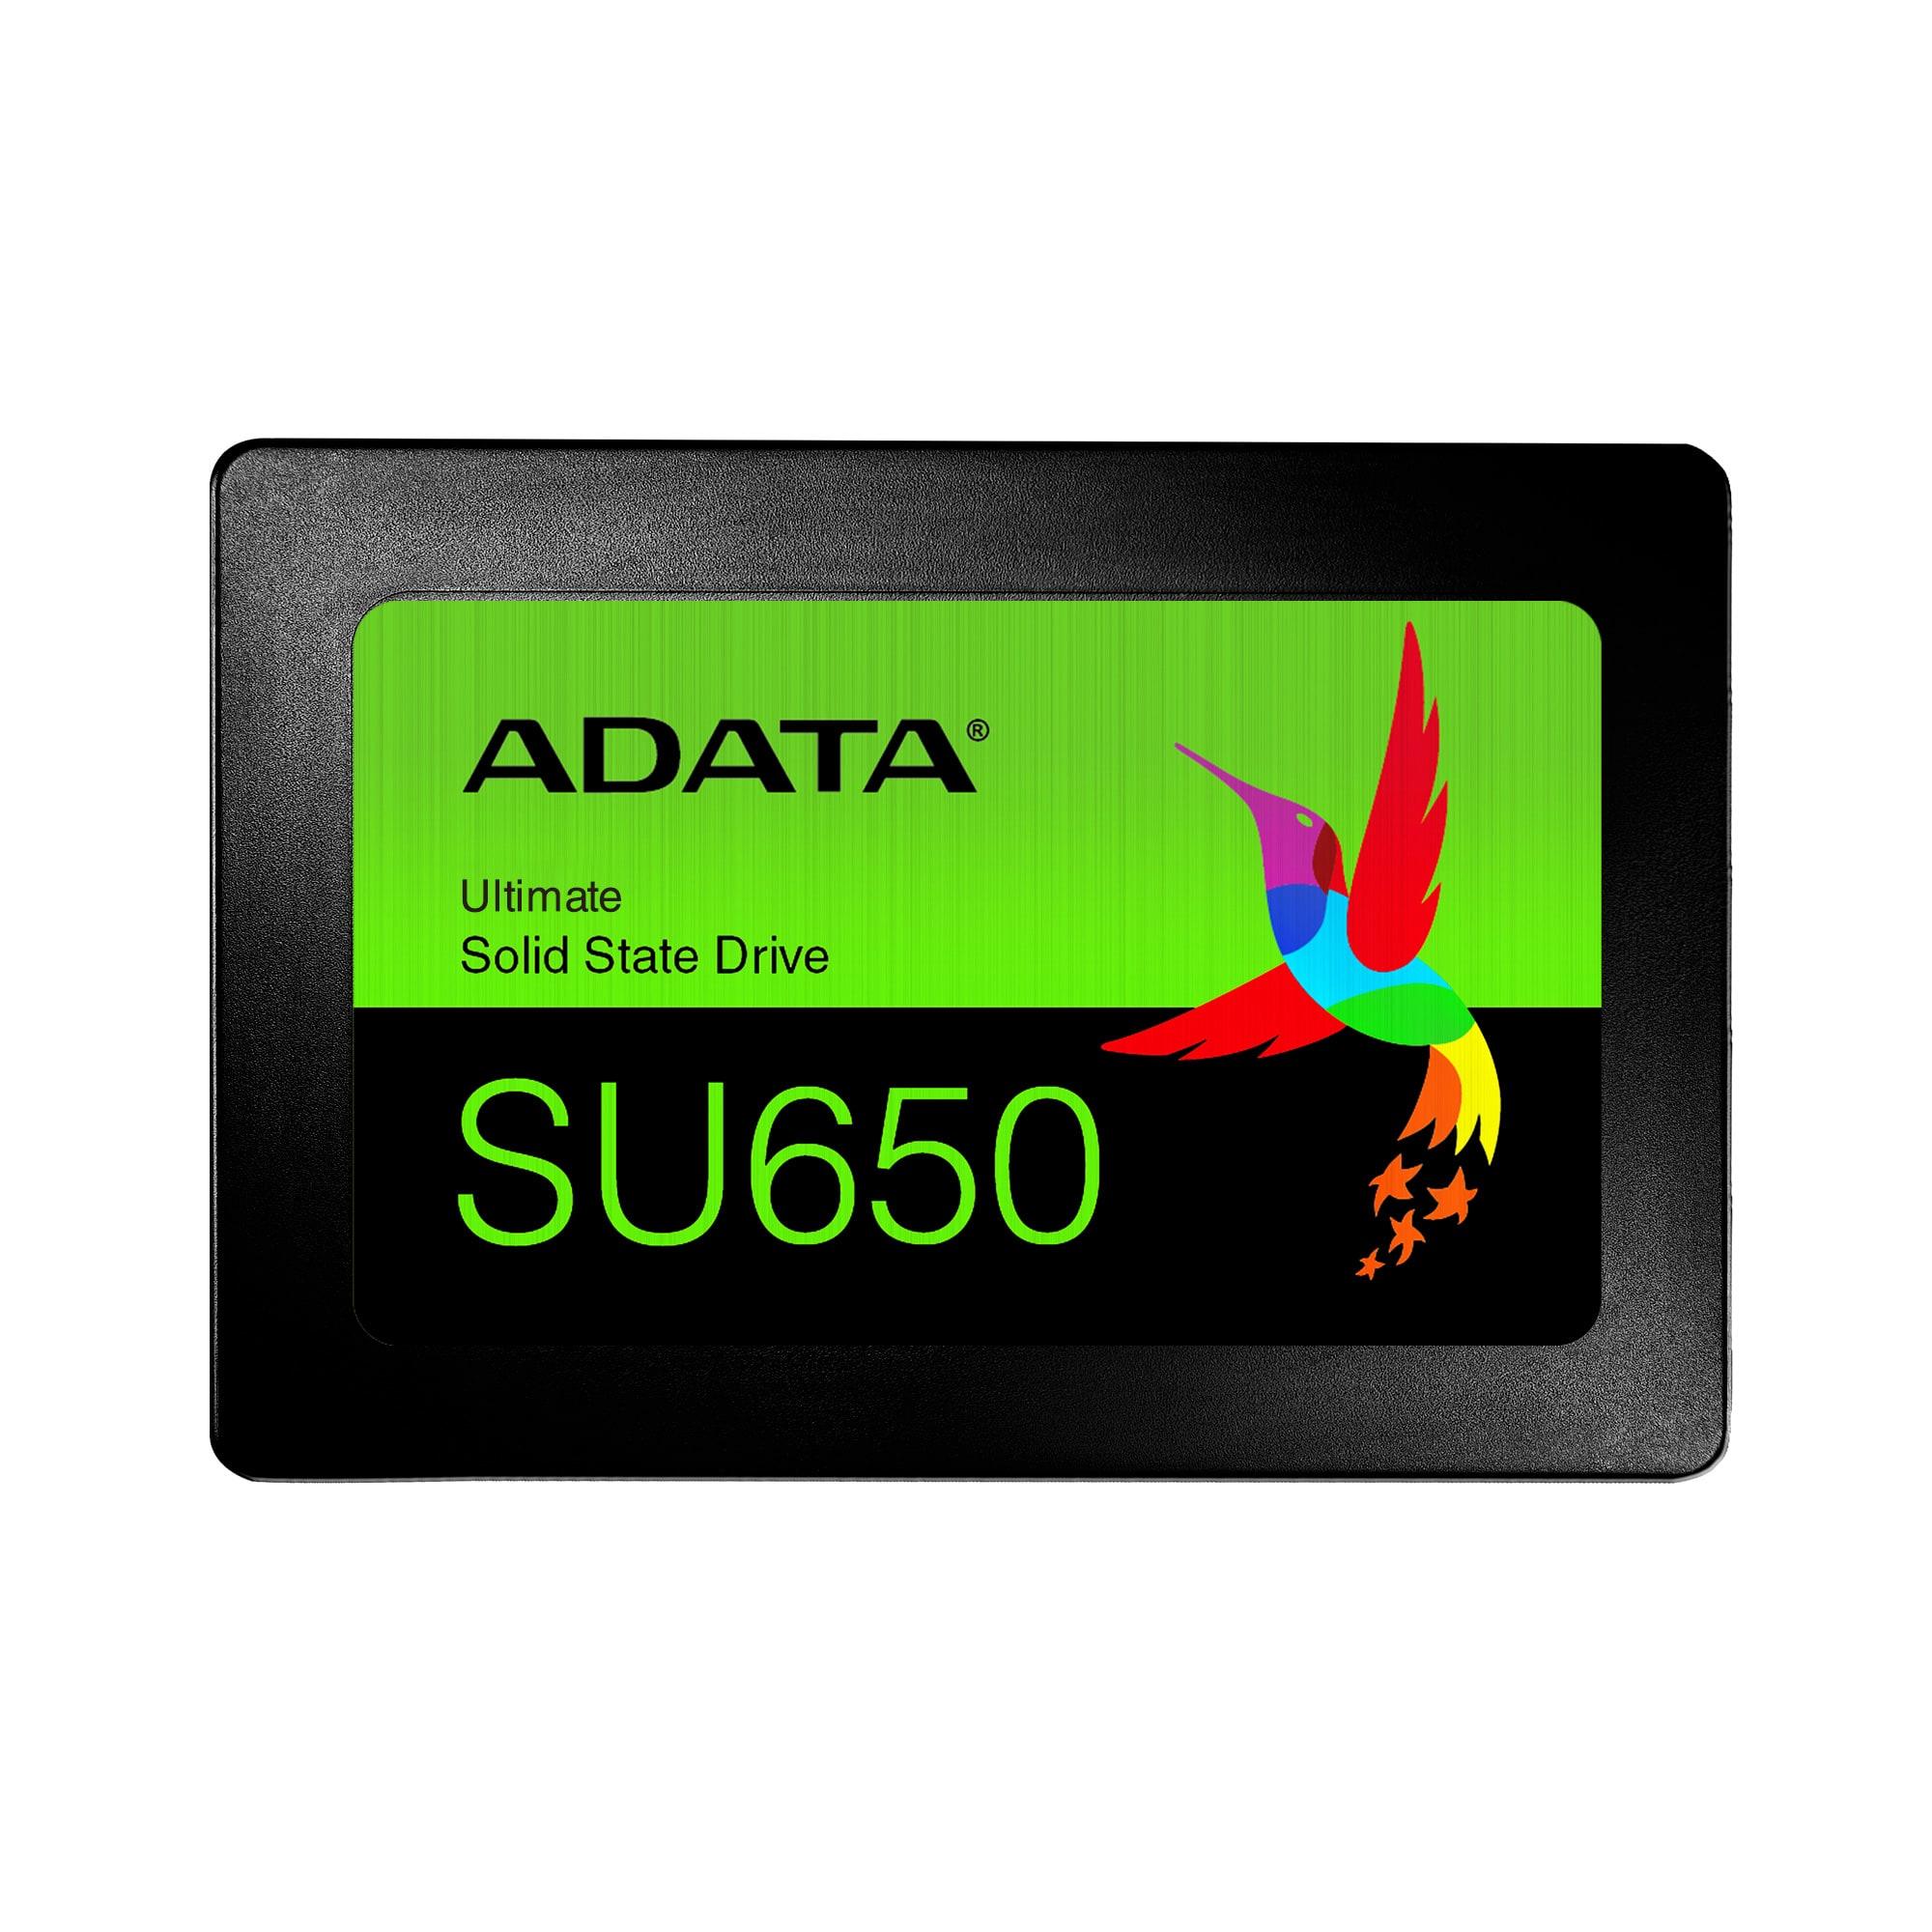 Ultimate Su650 - SSD - 480GB - Internal - 2.5in - SATA 3 6gb/s